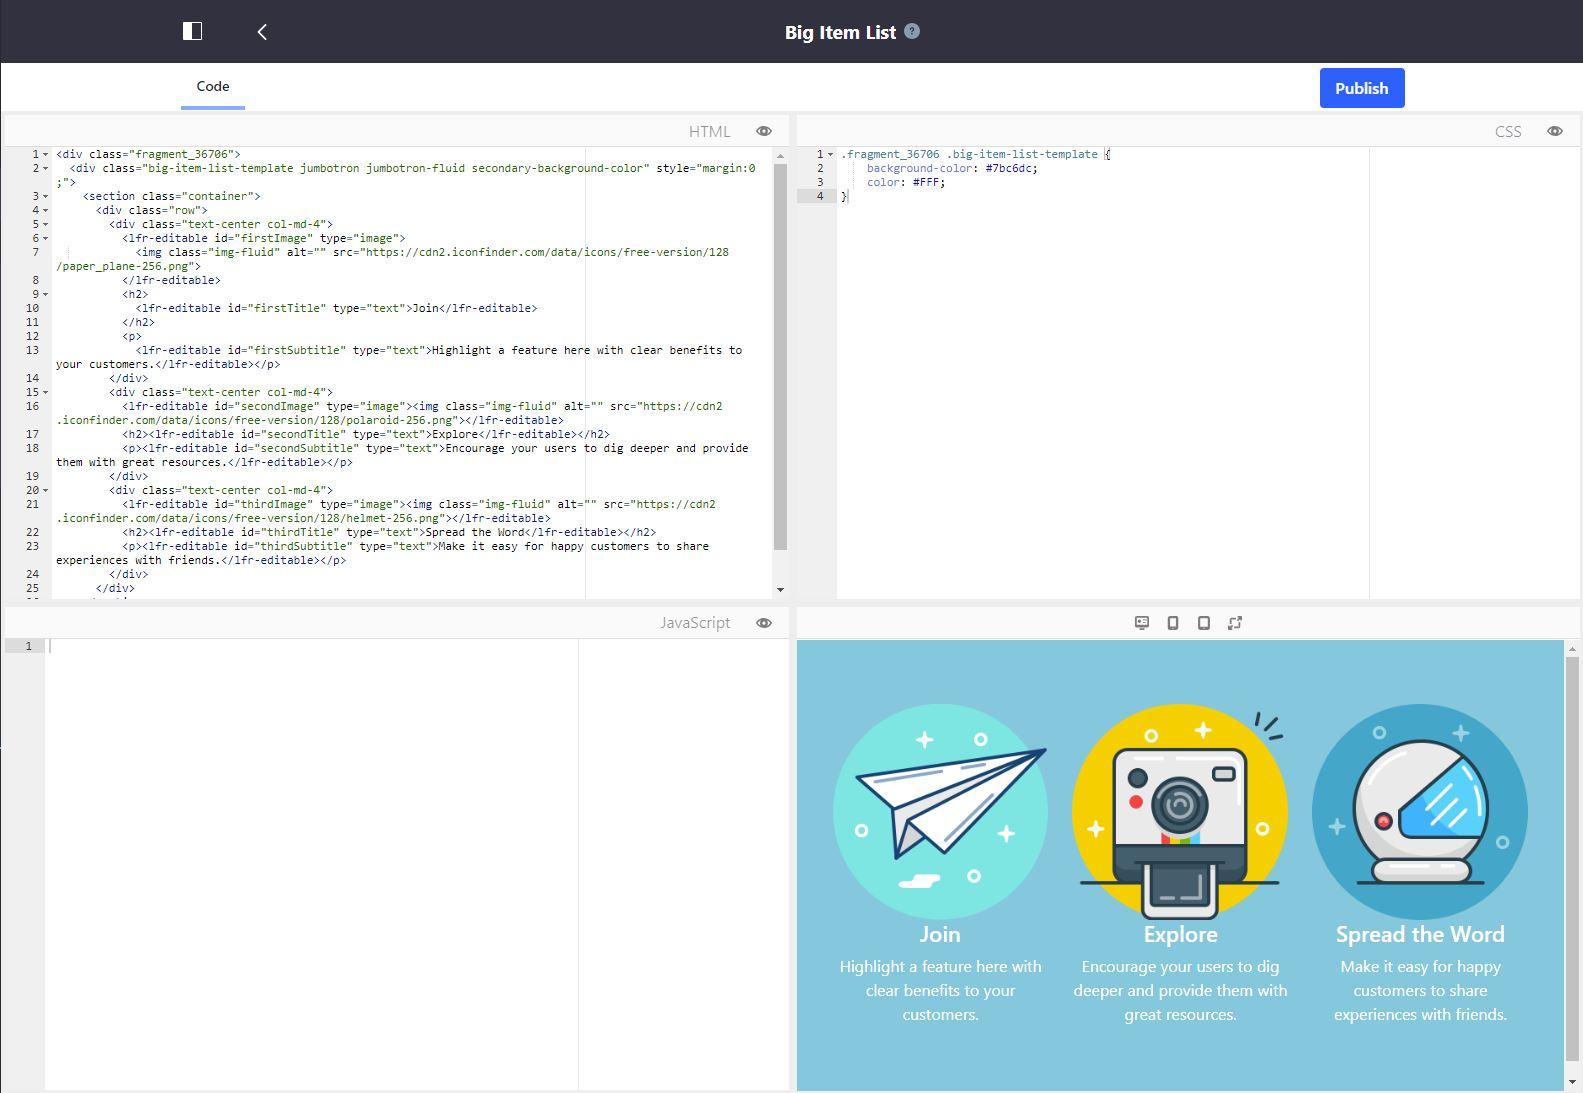 図3:フラグメントエディターには、HTML、CSS、JavaScriptの3つのペインビューがあり、プレビューペインが最終結果をレンダリングします。